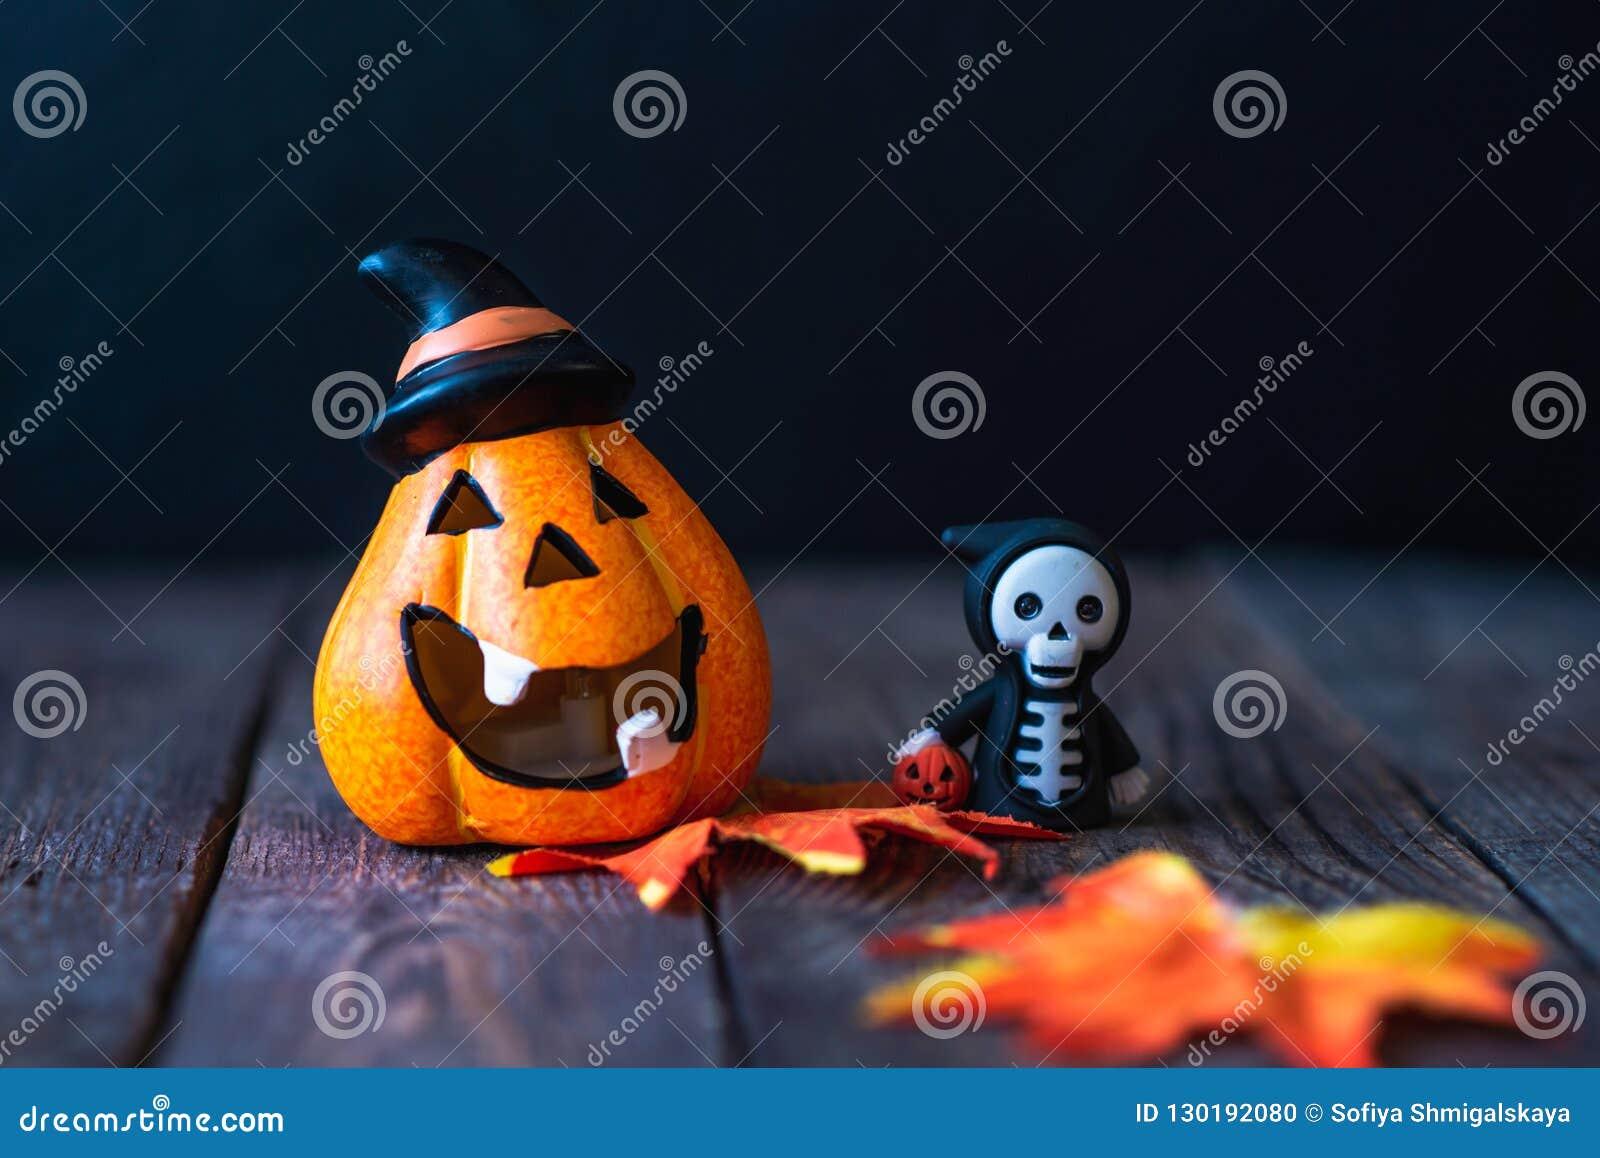 Pompoen met een gezicht en een skelet in een hoodie